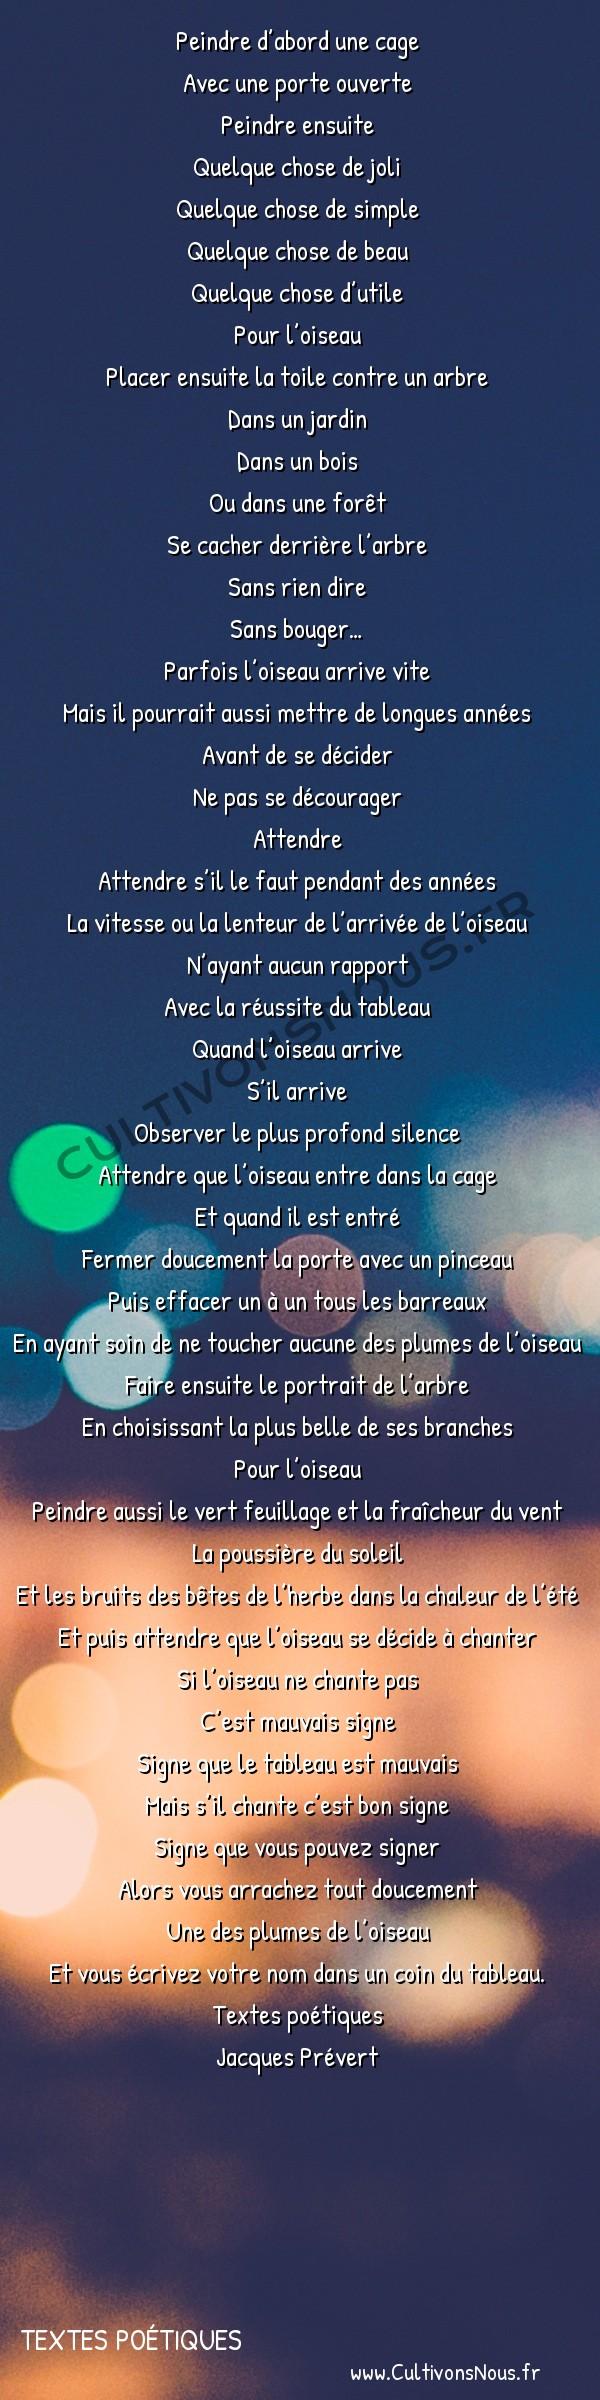 Poésie Jacques Prevert - Textes poétiques - Pour peindre un oiseau -  Peindre d'abord une cage Avec une porte ouverte